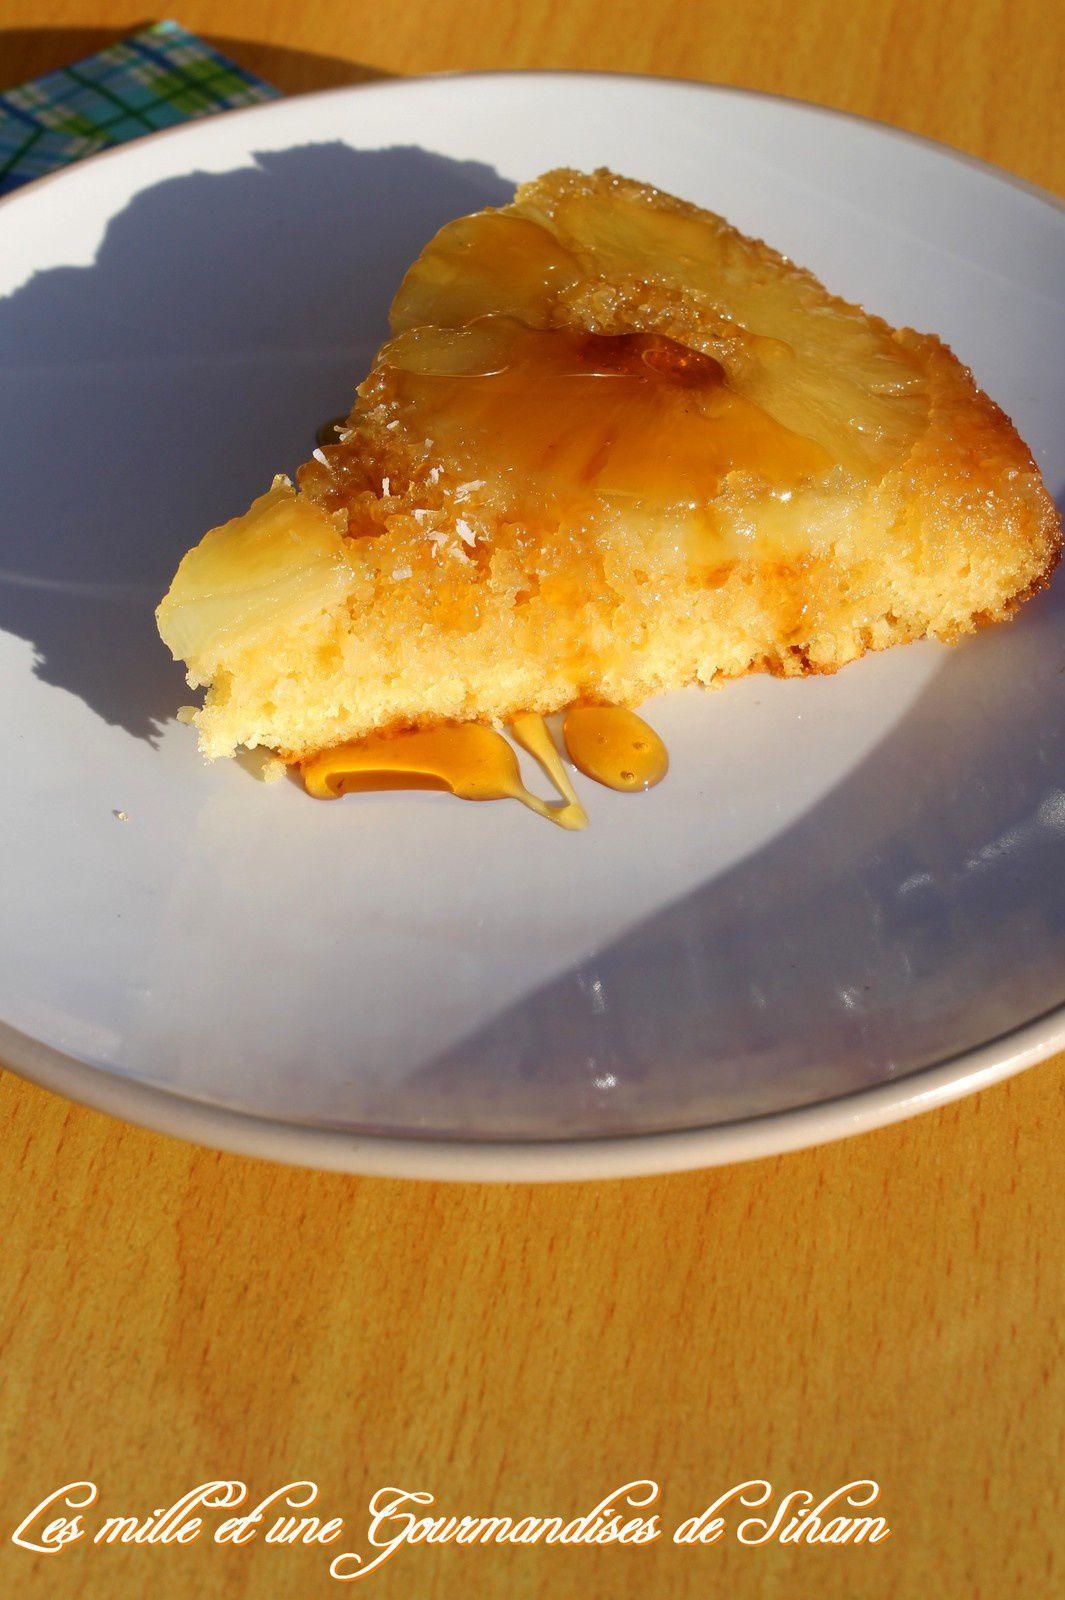 Gâteau renversé à l'ananas...